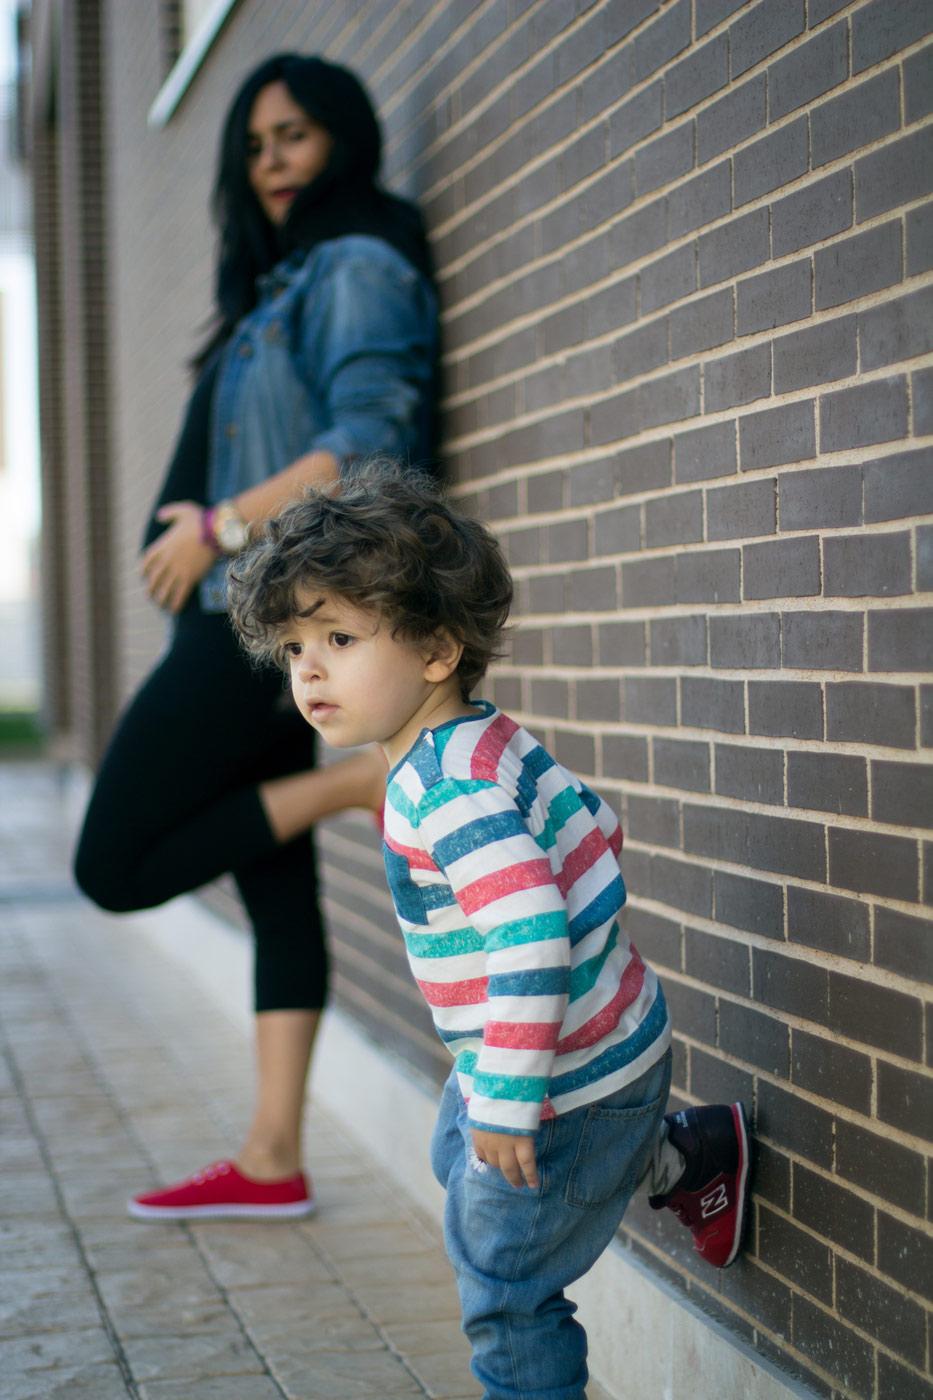 niño de dos años imitando su madre embarazado apoyandose los dos en una pared de ladrillos